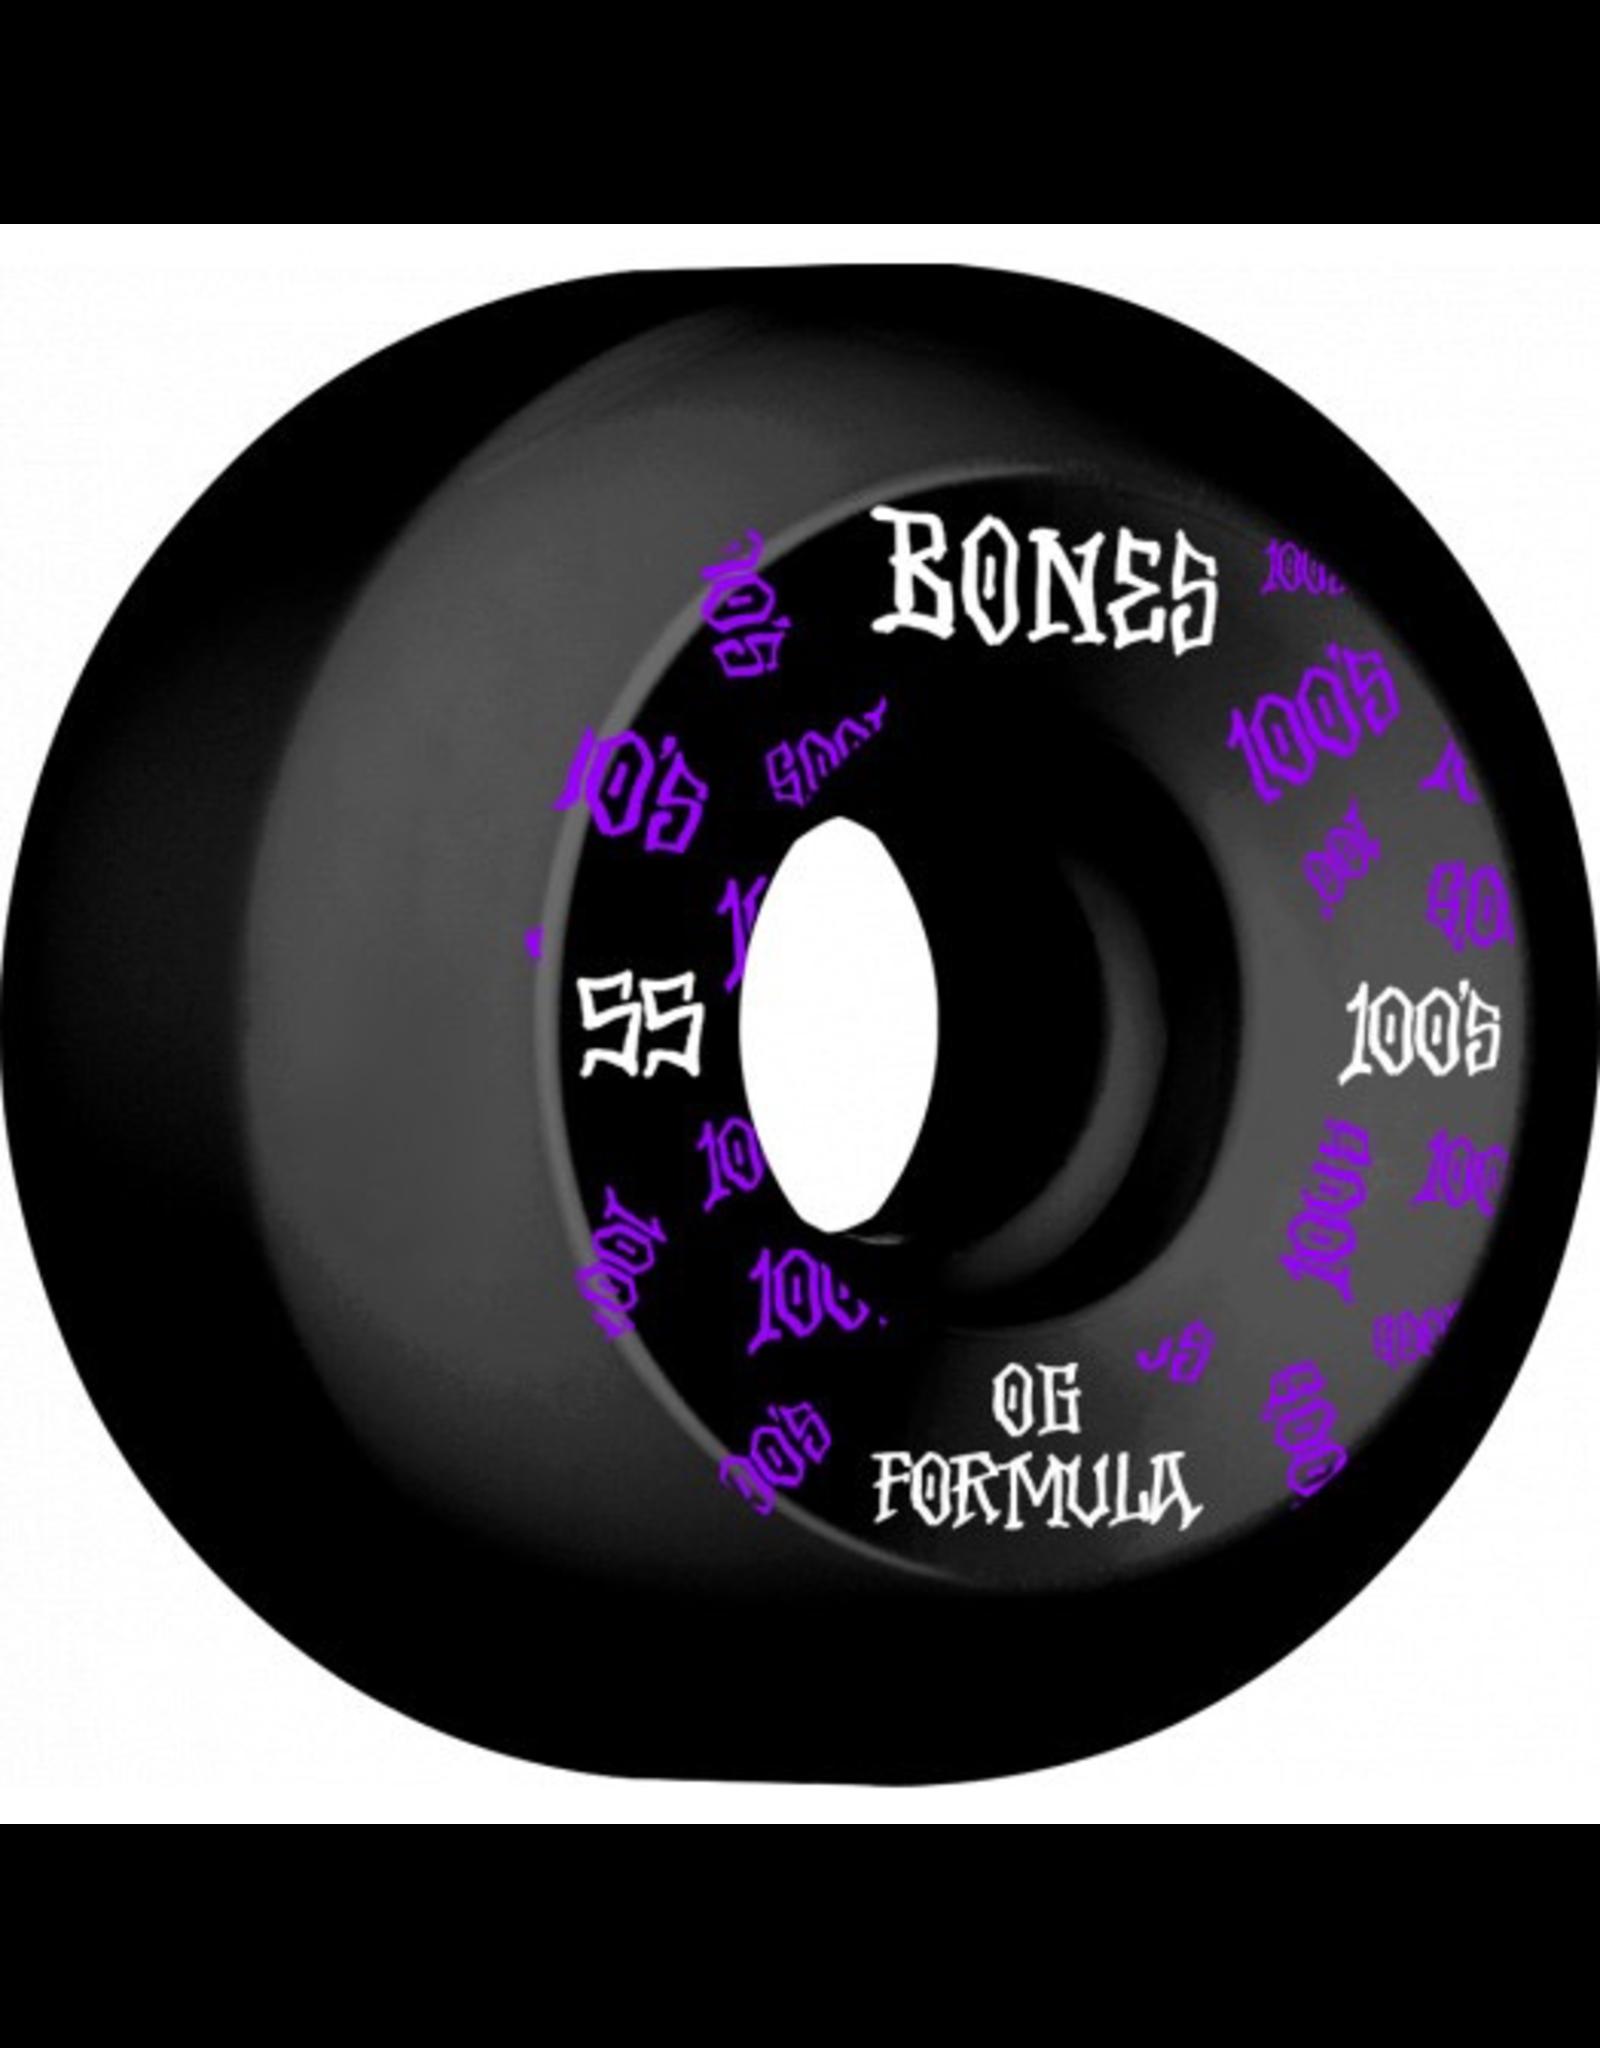 BONES BONES WHEELS OG Formula Skateboard Wheels 100 #3 55mm V5 Sidecut 4pk Black